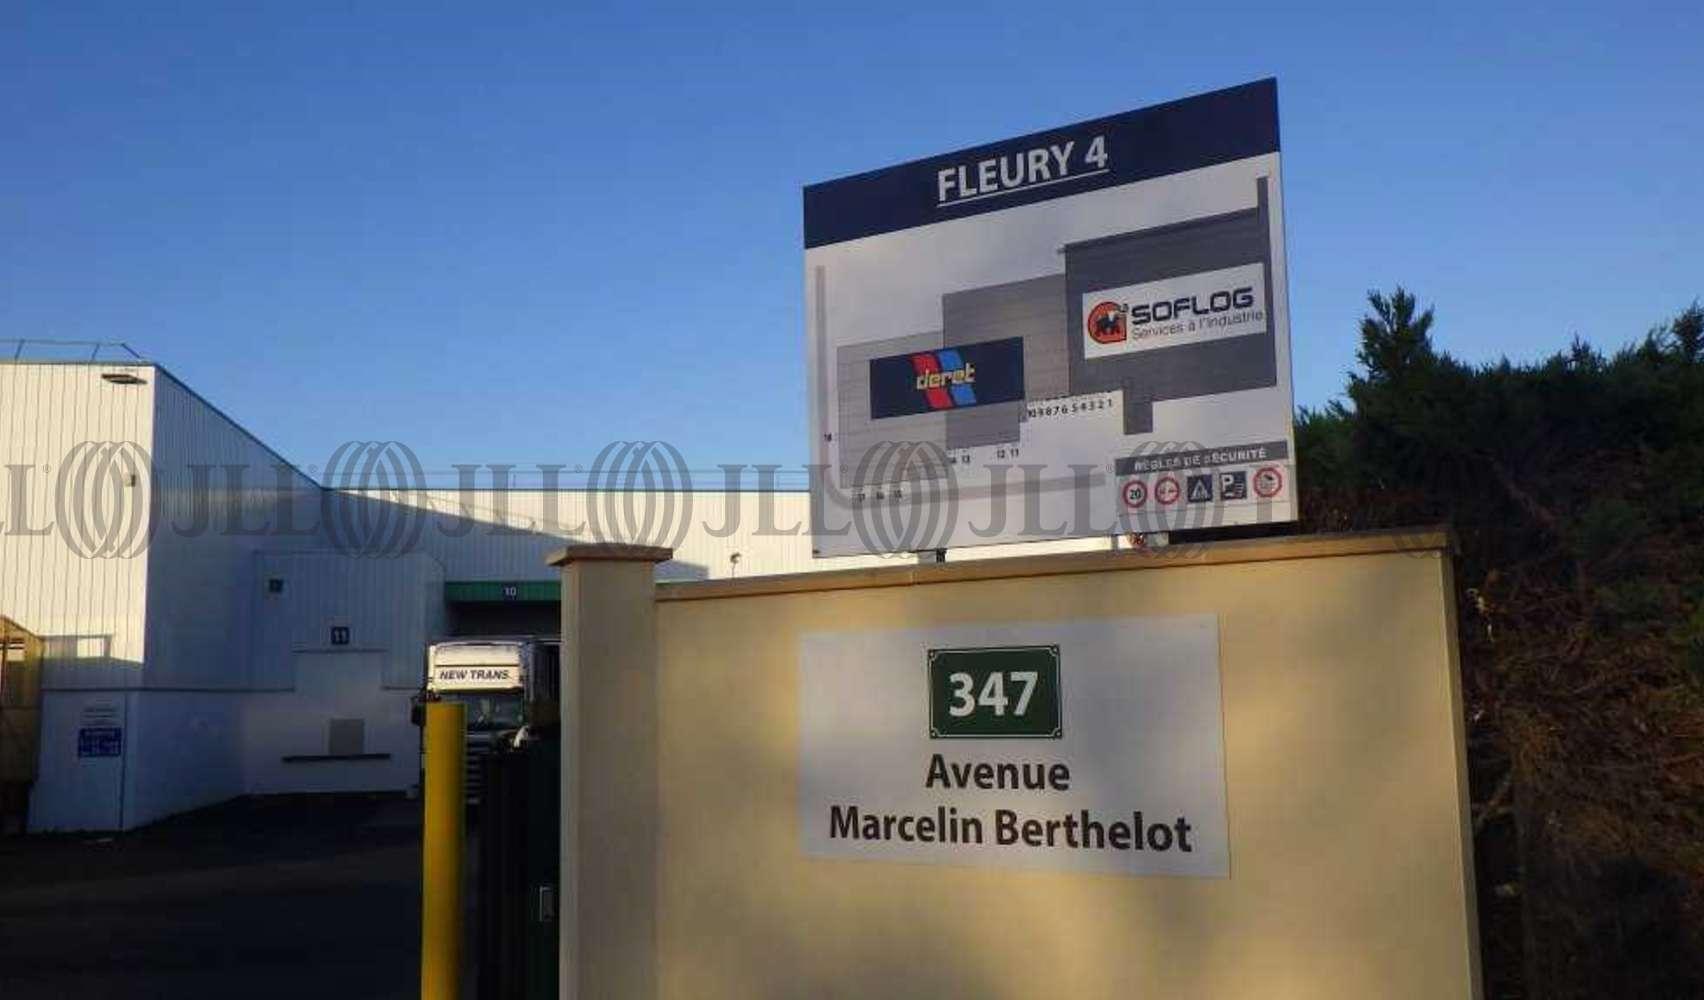 Plateformes logistiques Fleury les aubrais, 45400 - 347 RUE MARCELIN BERTHELOT